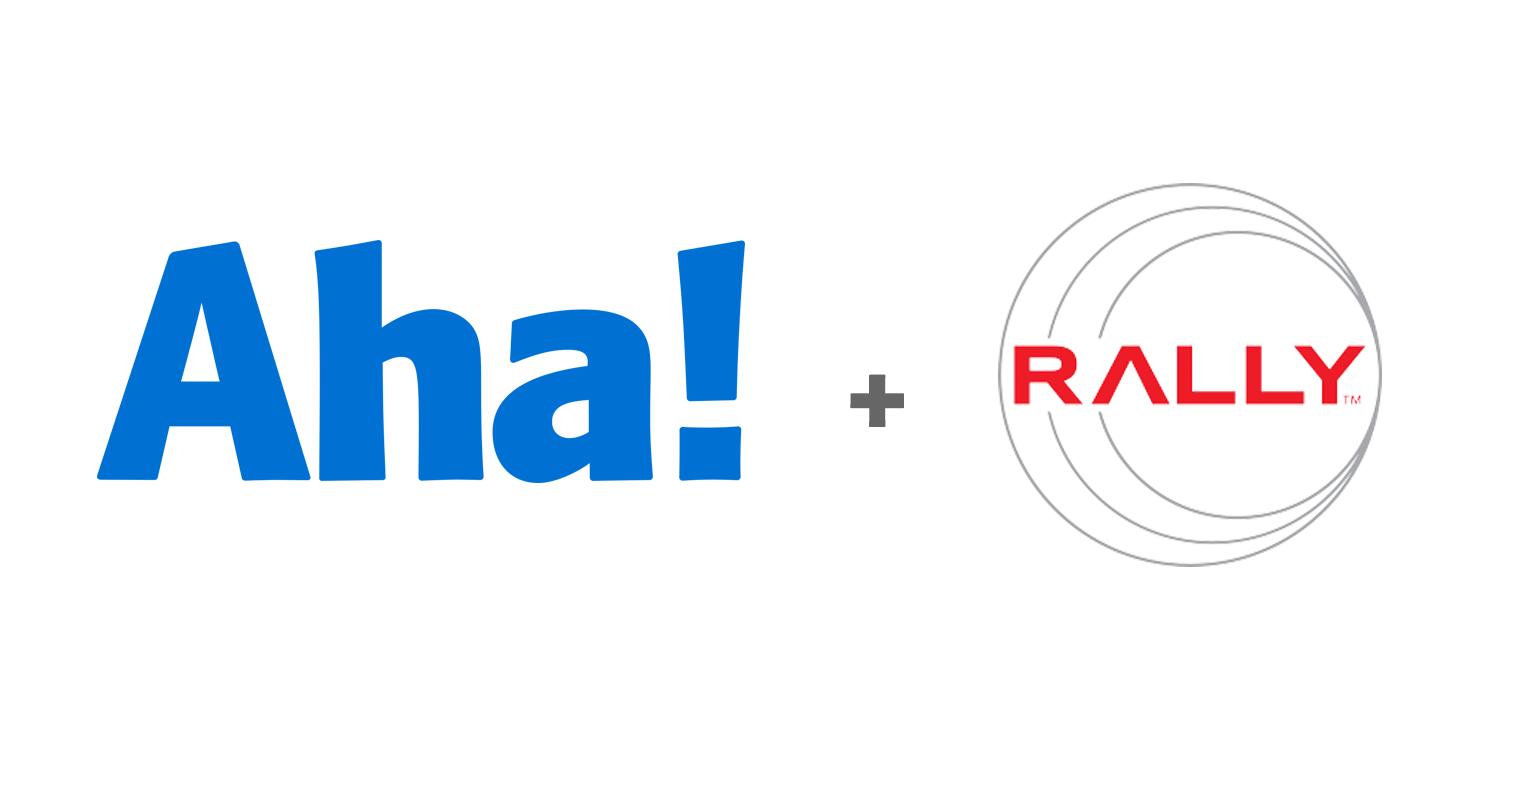 Aha! and Rally logos